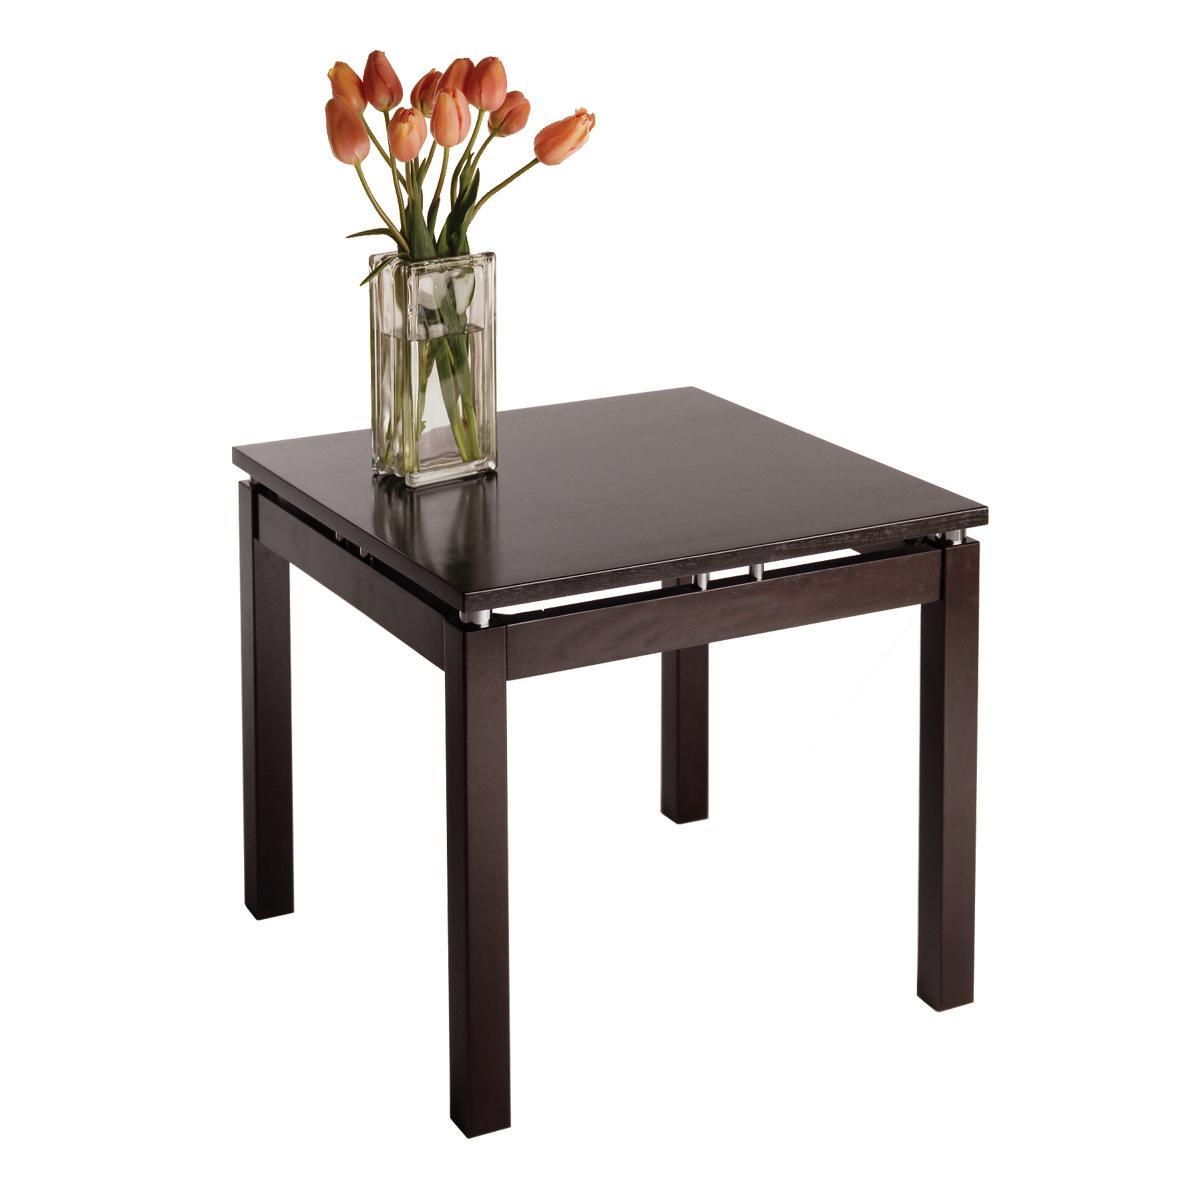 Superb Linea End Table